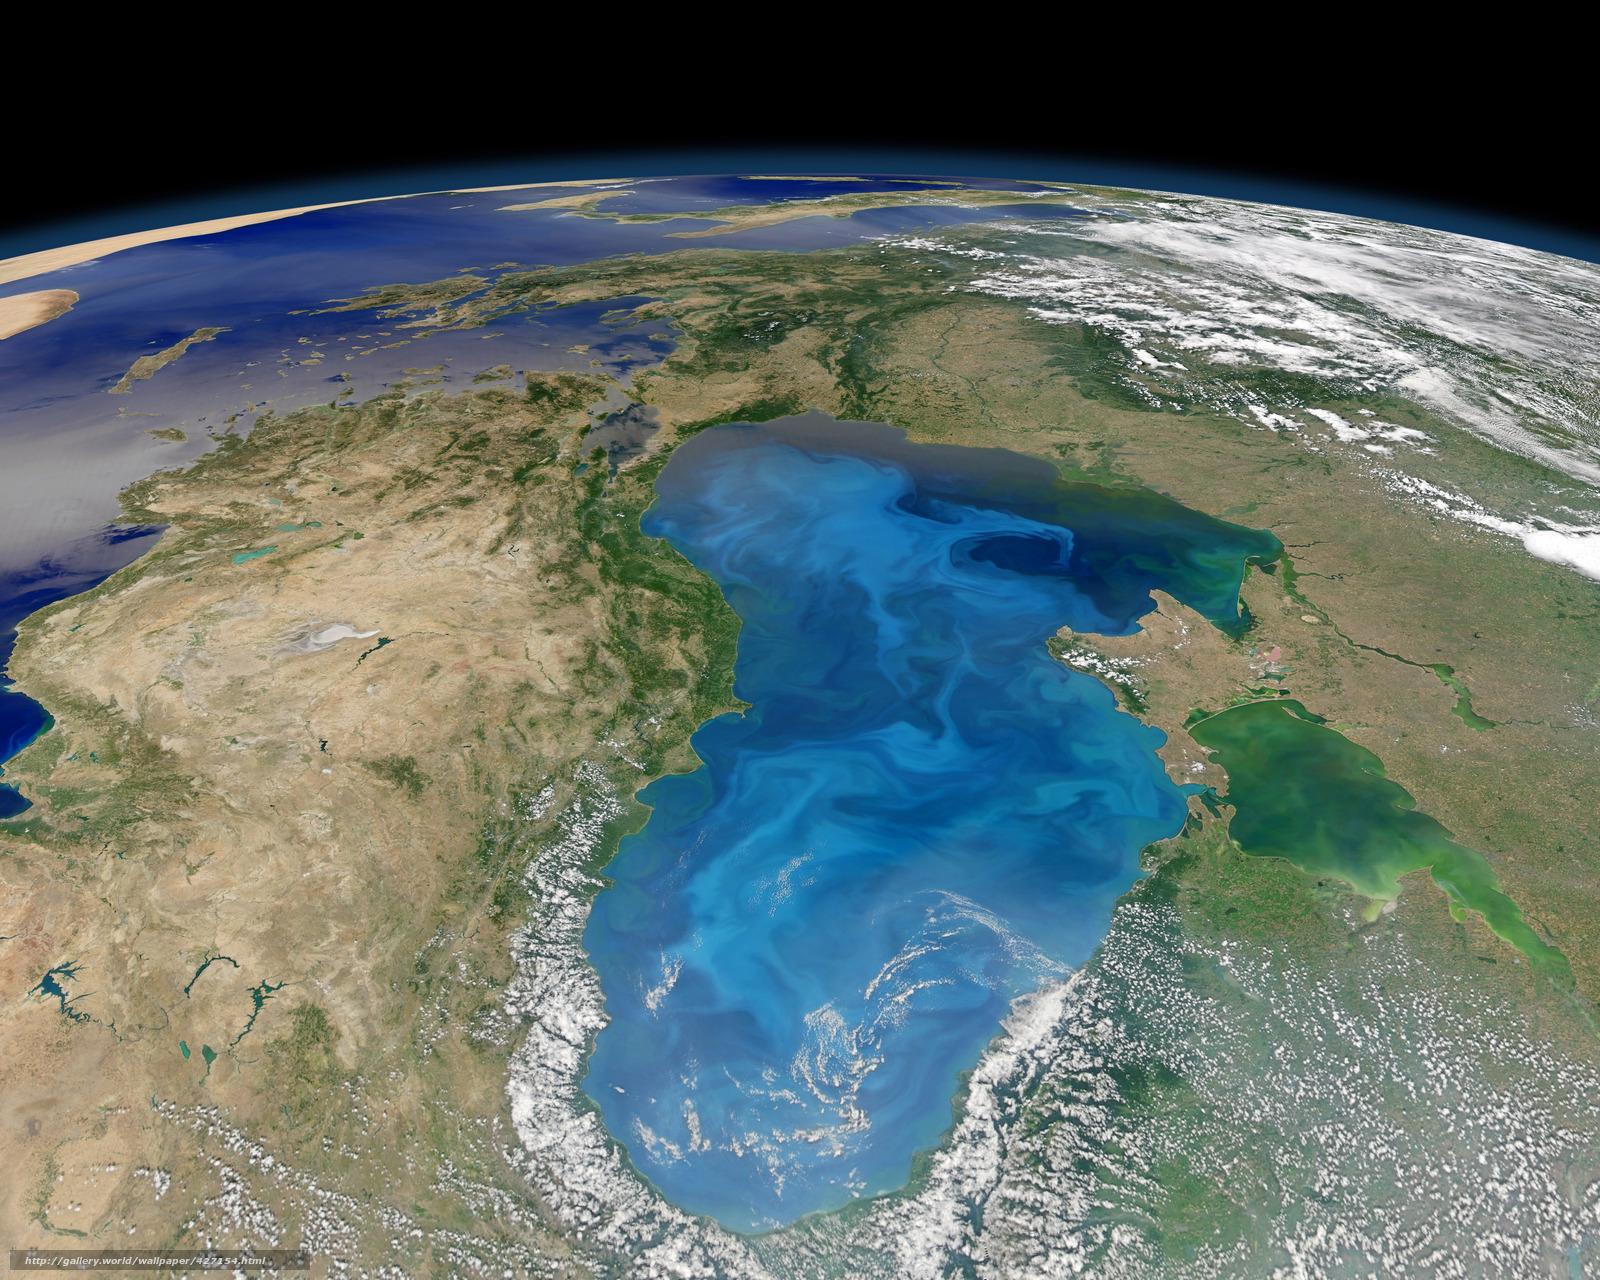 Скачать на телефон обои фото картинку на тему Черное, Азовское, море, Крым, Турция, разширение 6000x4800